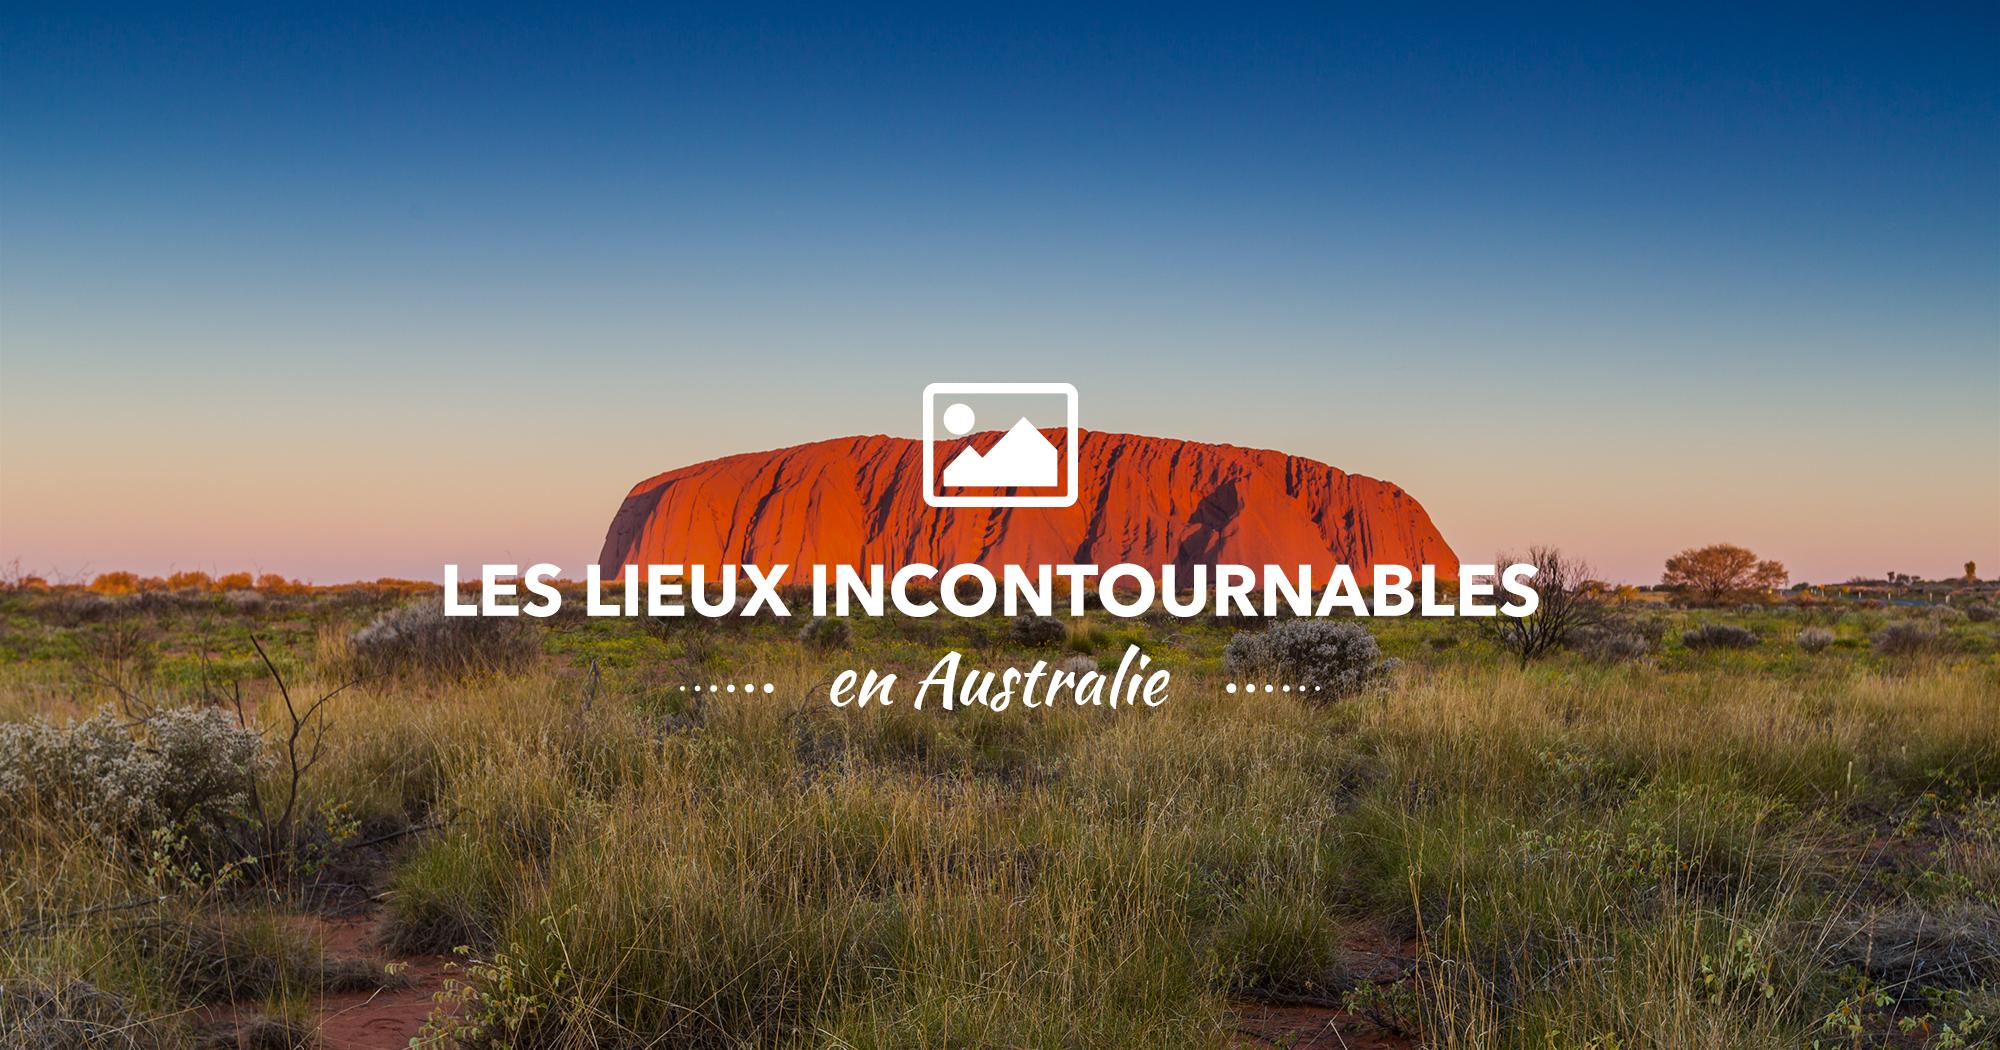 visuels-dossiers-whv-australie-lieux-incontournables